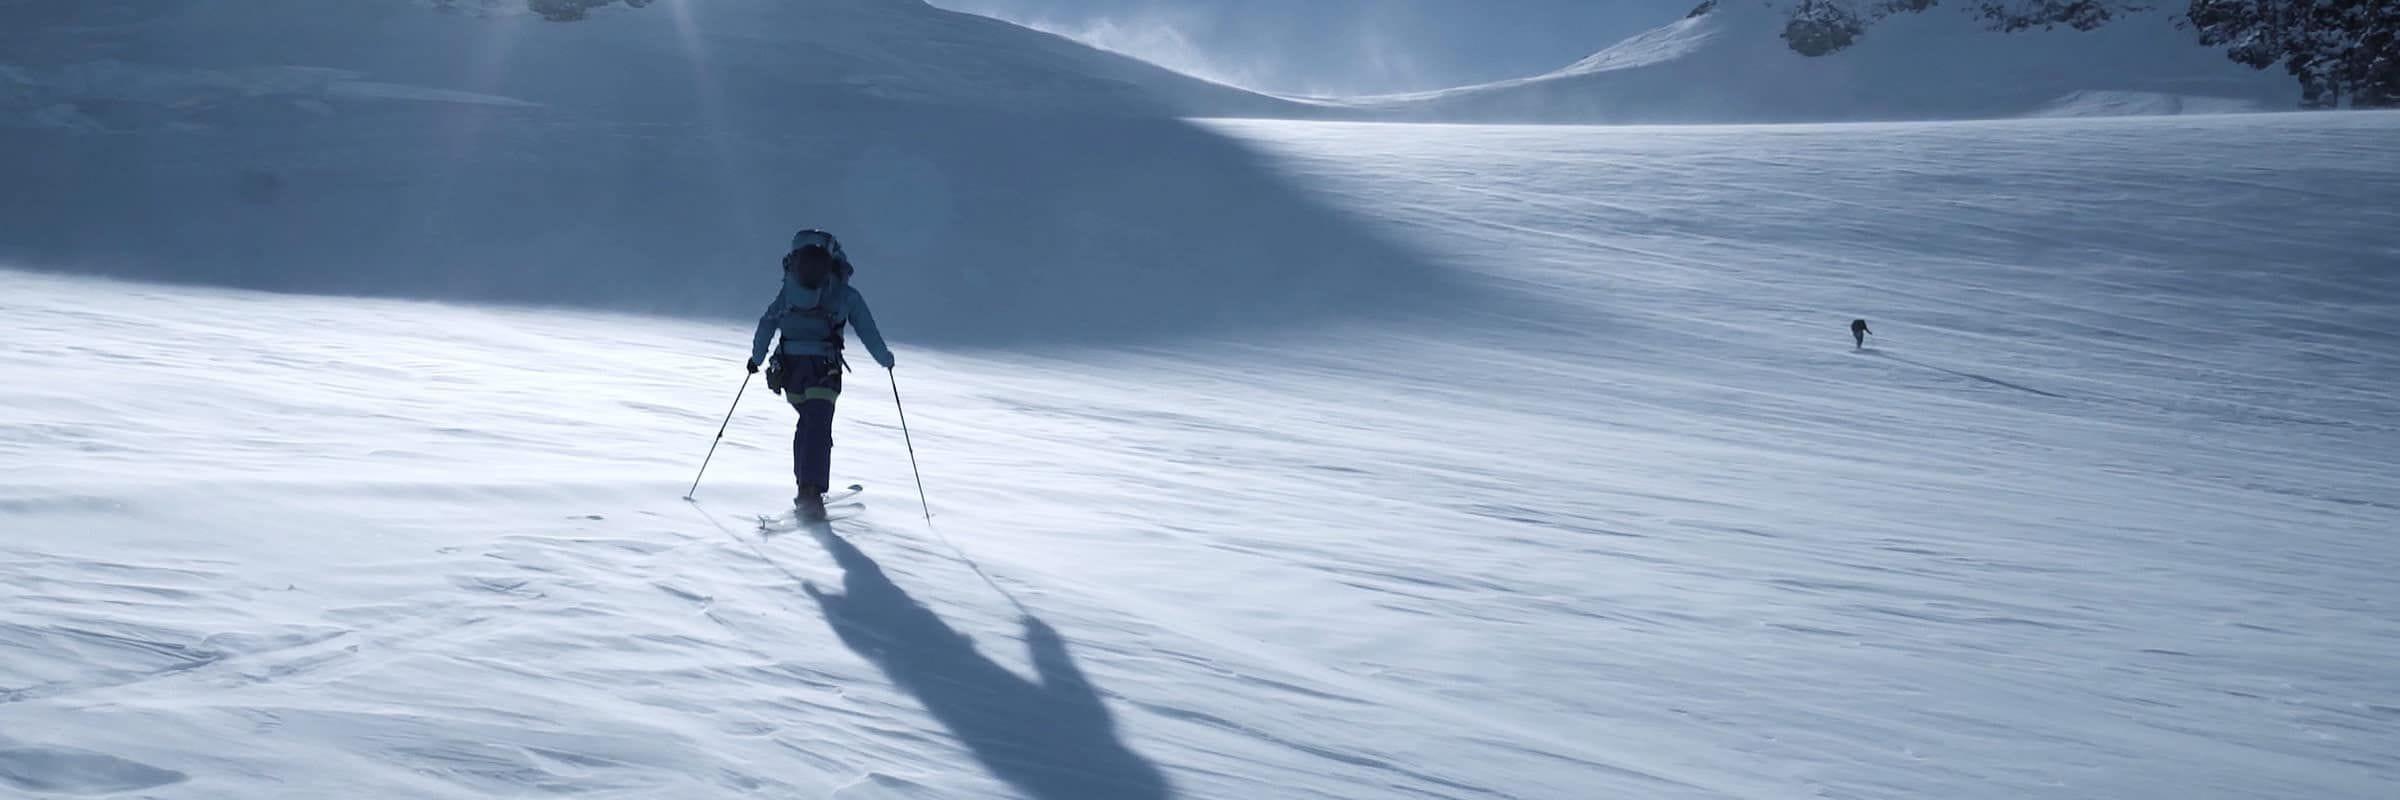 Top Arc'teryx Ski Touring Kits for Men & Women